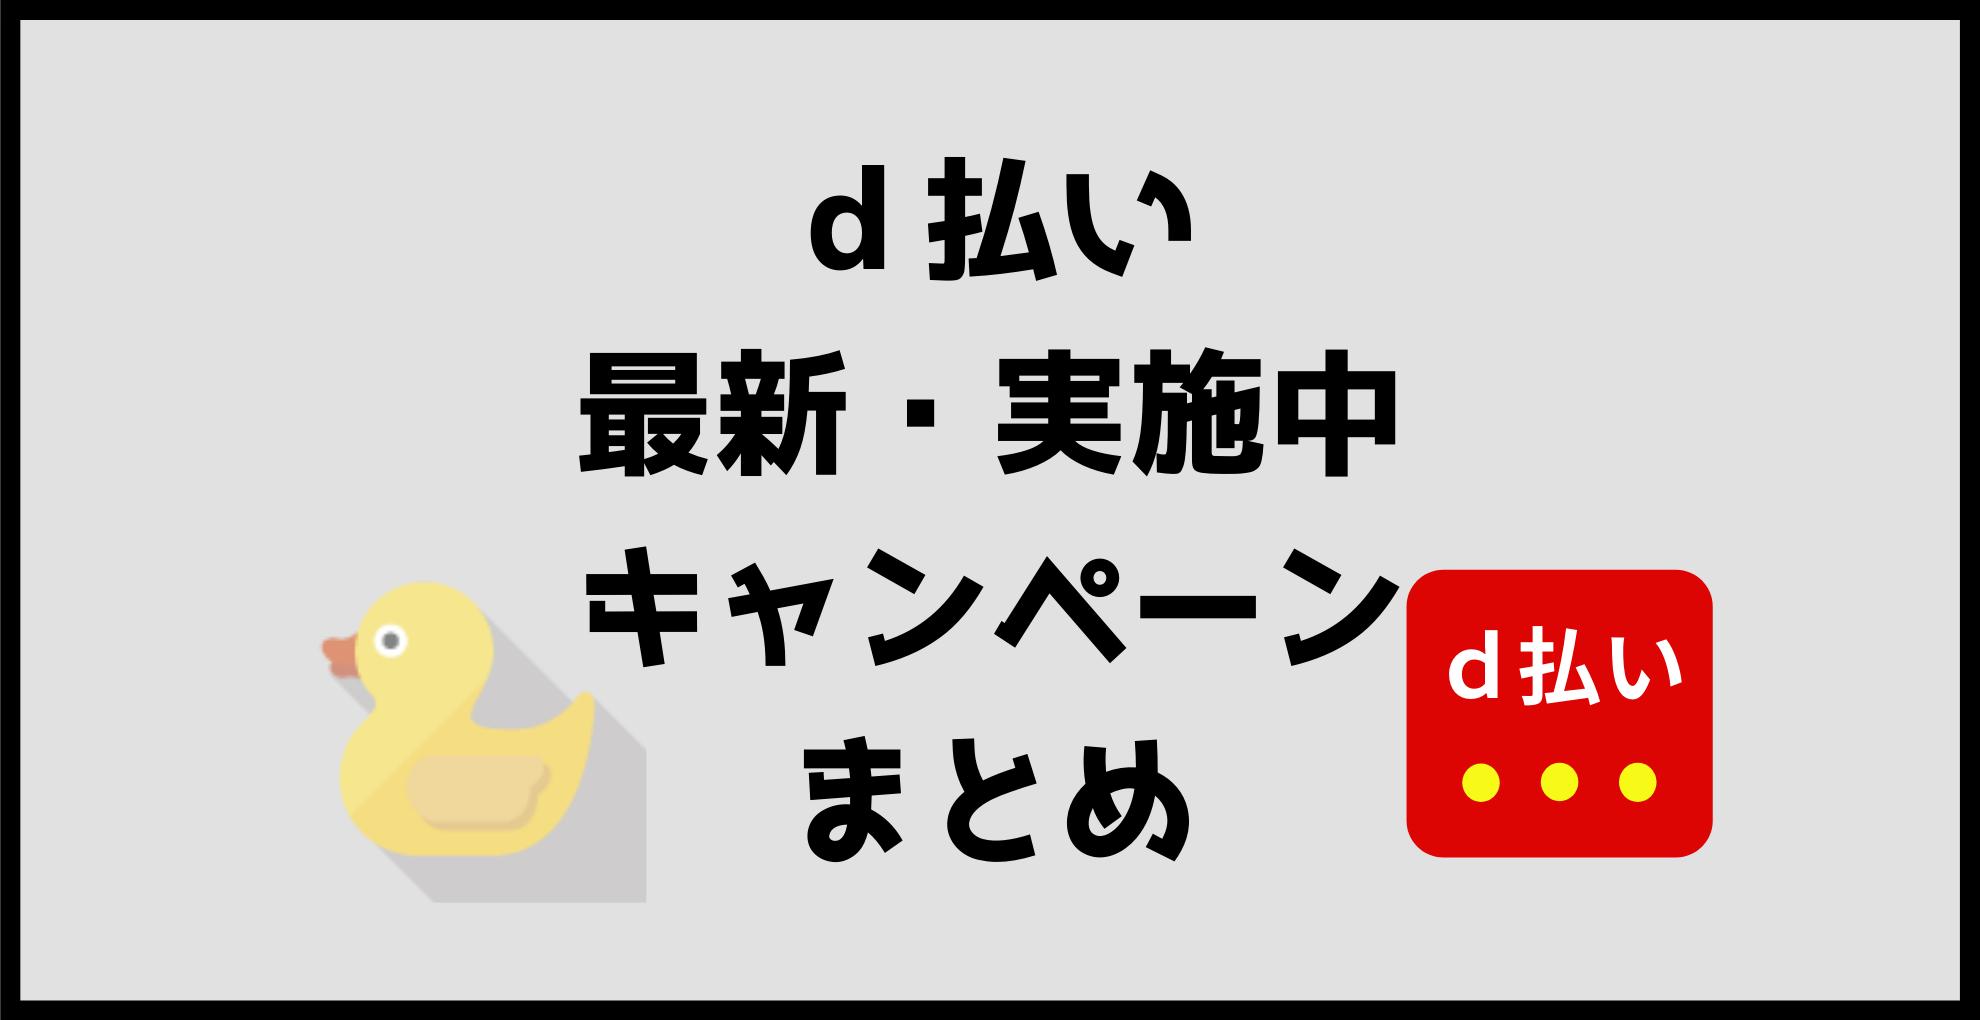 【d払い】  最新・実施中キャンペーン まとめ 【随時更新】